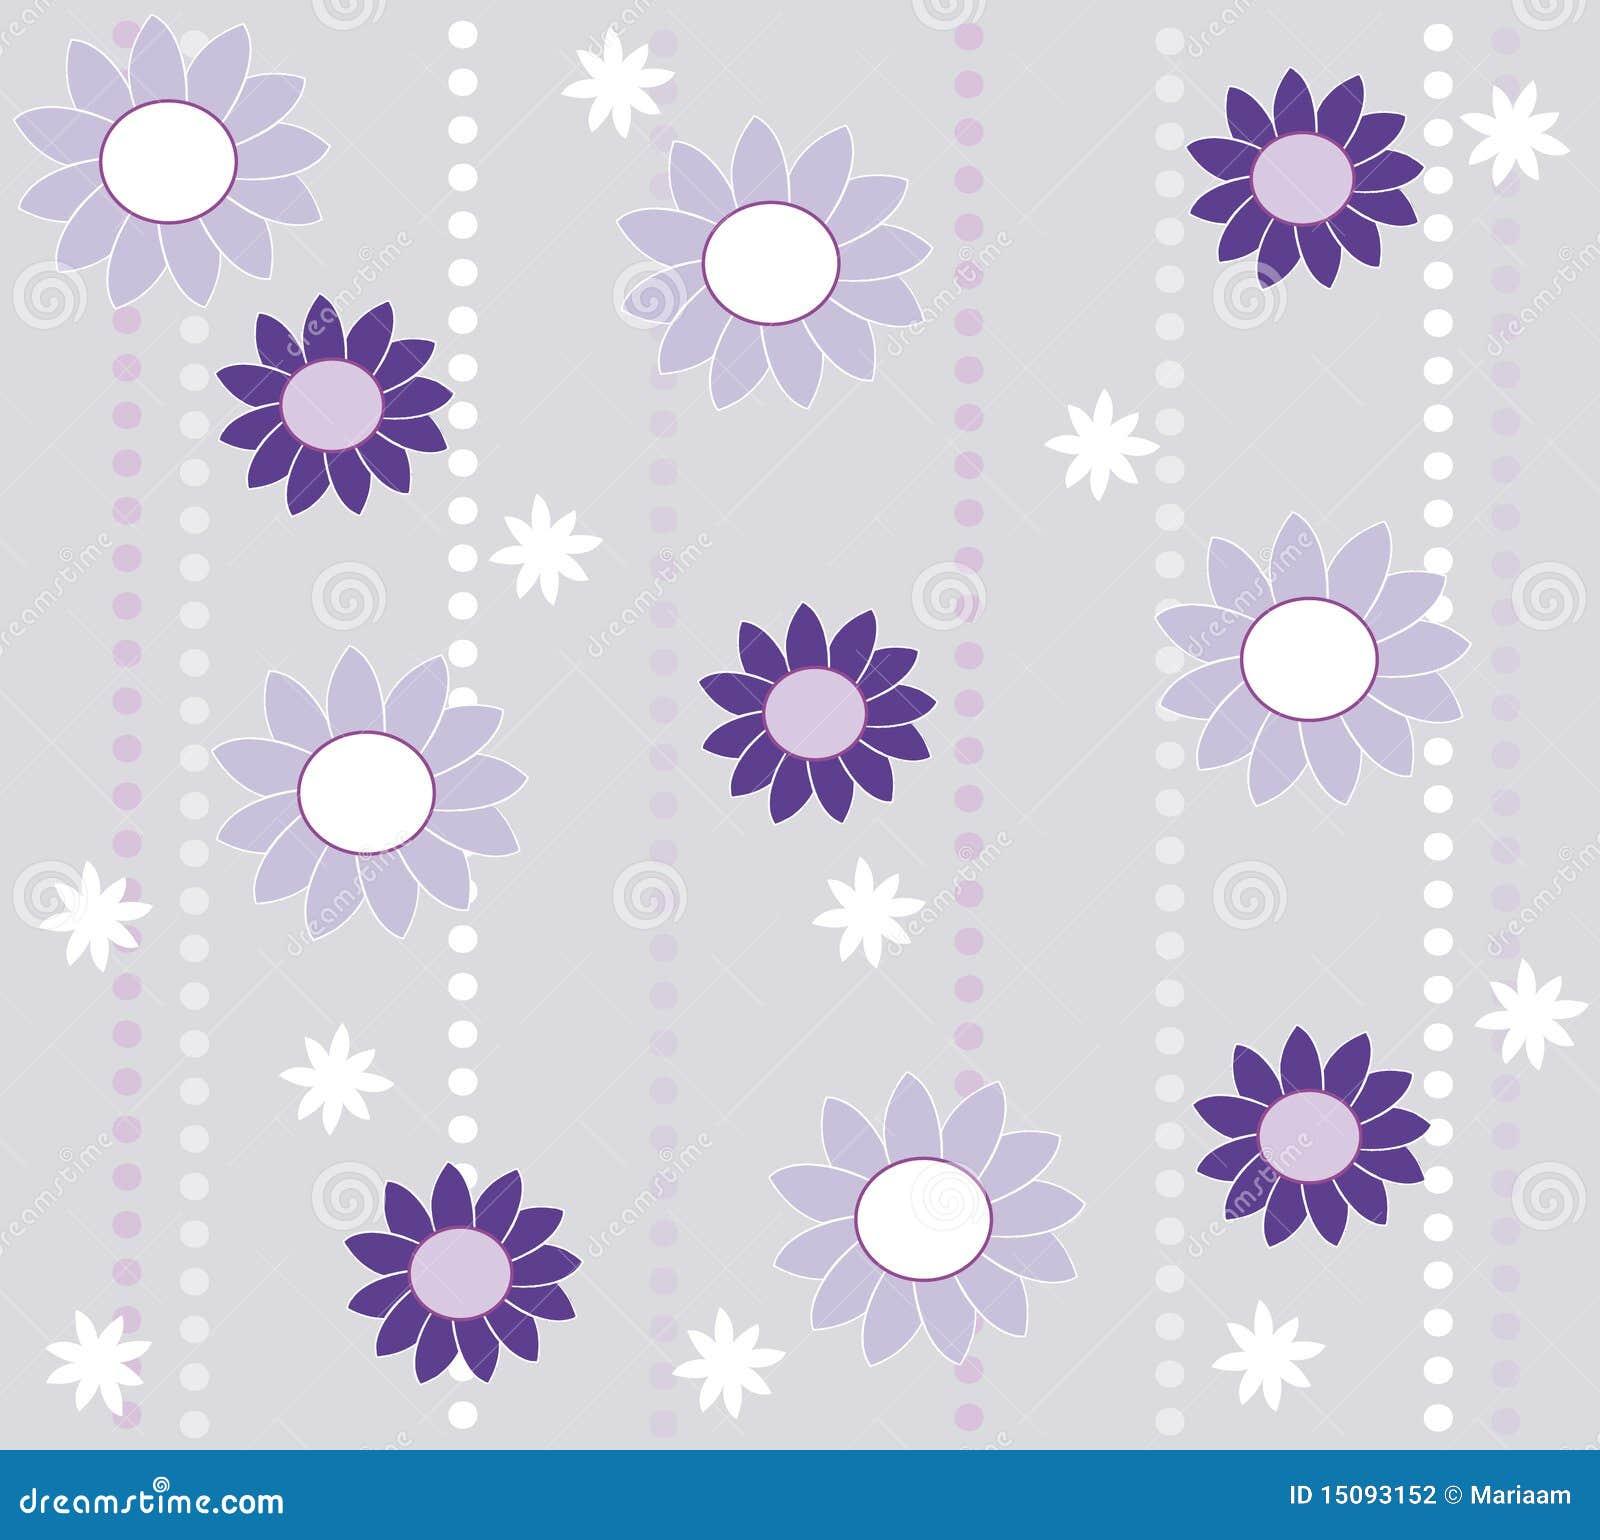 Dise o del papel pintado con las flores fotograf a de for Papel pintado diseno